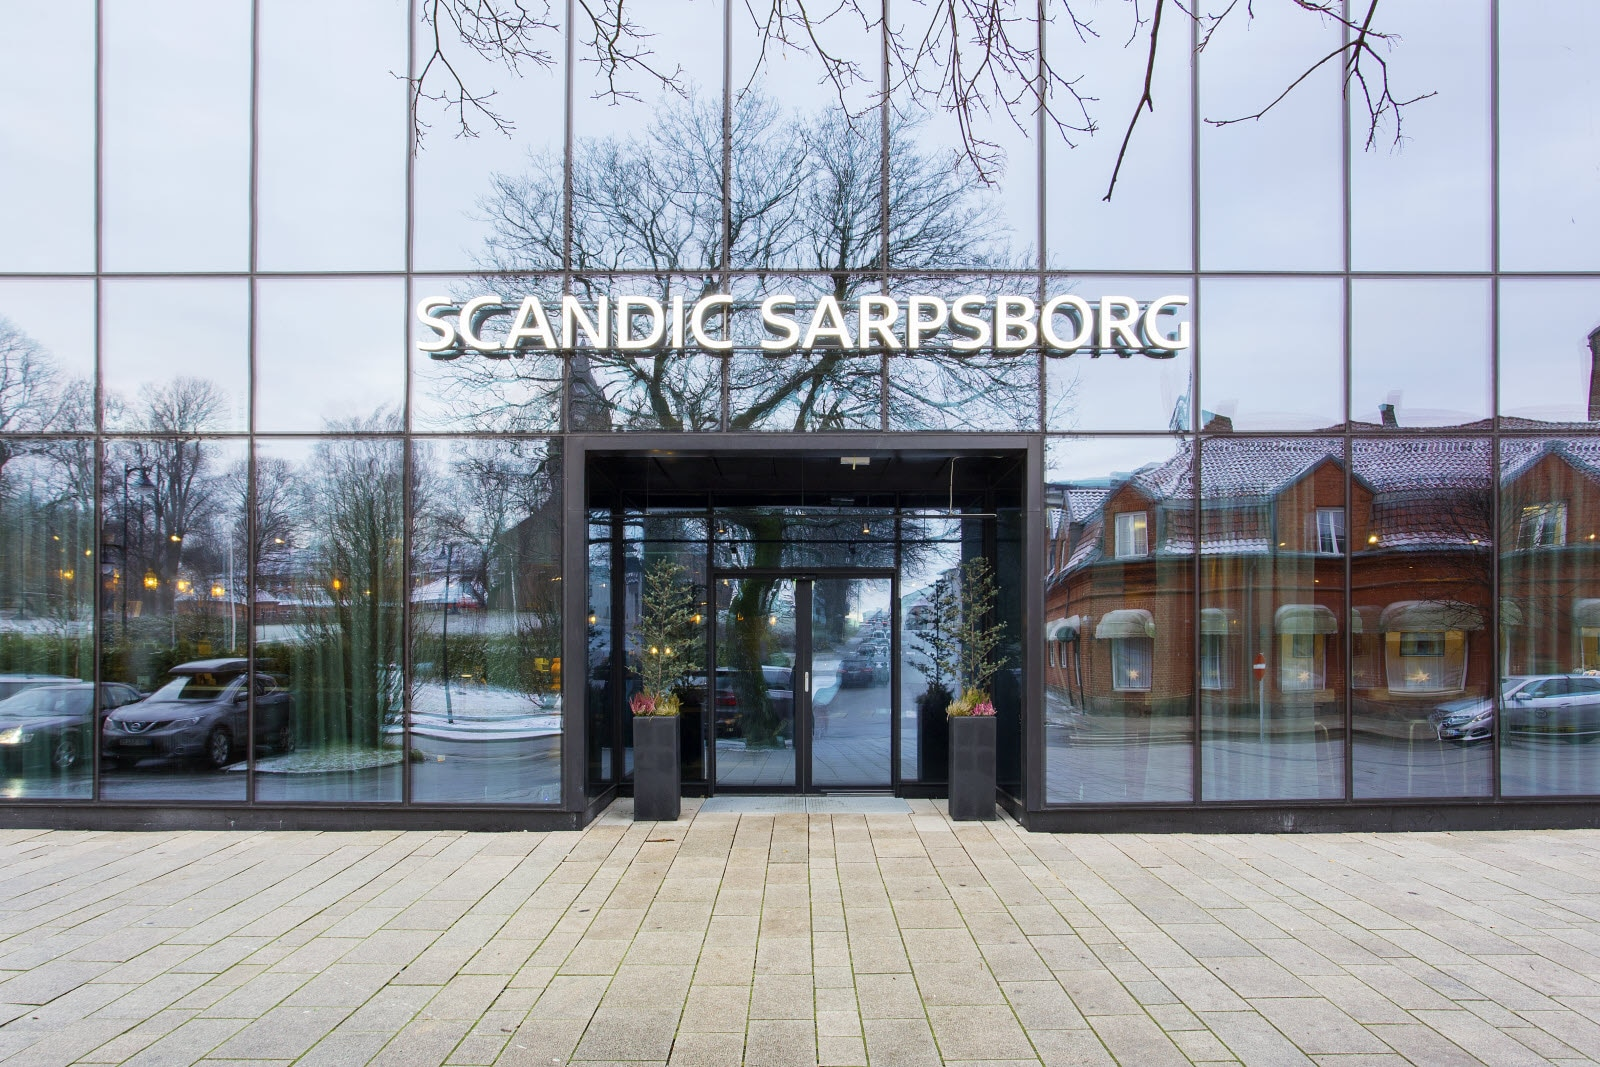 Hotell sarpsborg